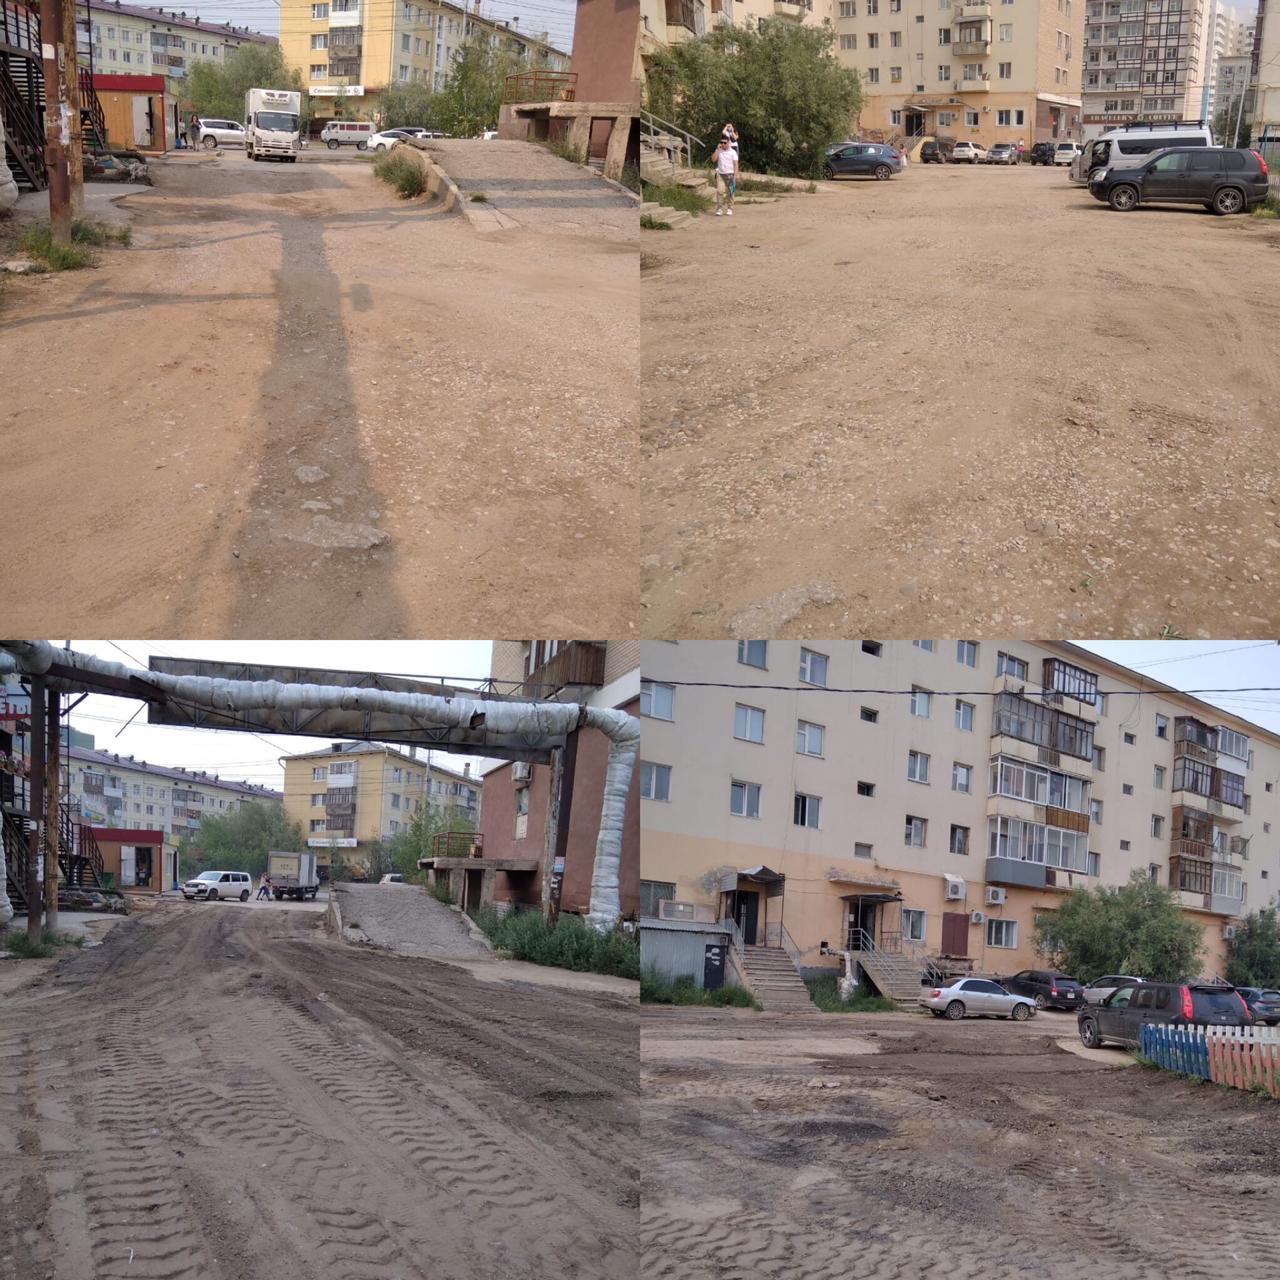 В Якутске благоустраивают дворовые территории и внутриквартальные проезды асфальтовой крошкой